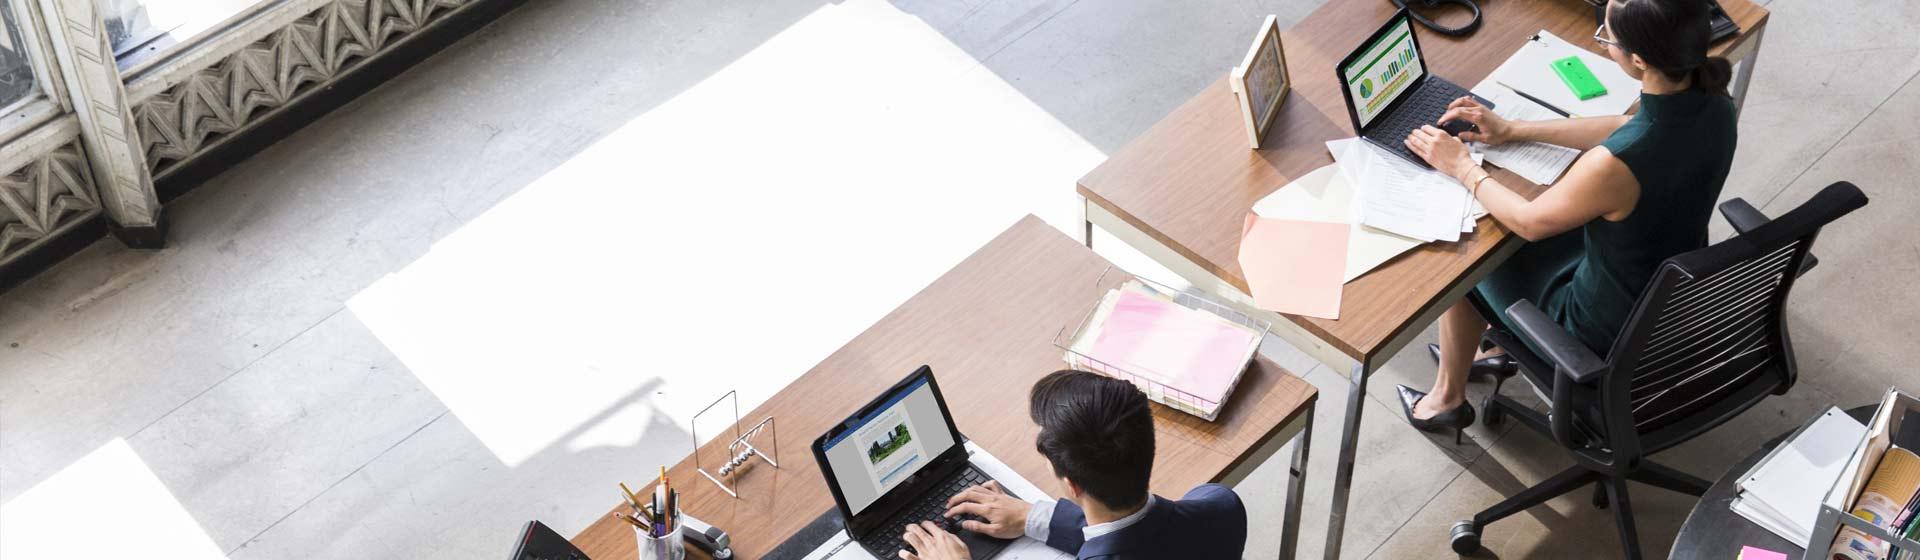 Mehrwert inklusive – mit einem Upgrade von Office 2013 auf Office 365